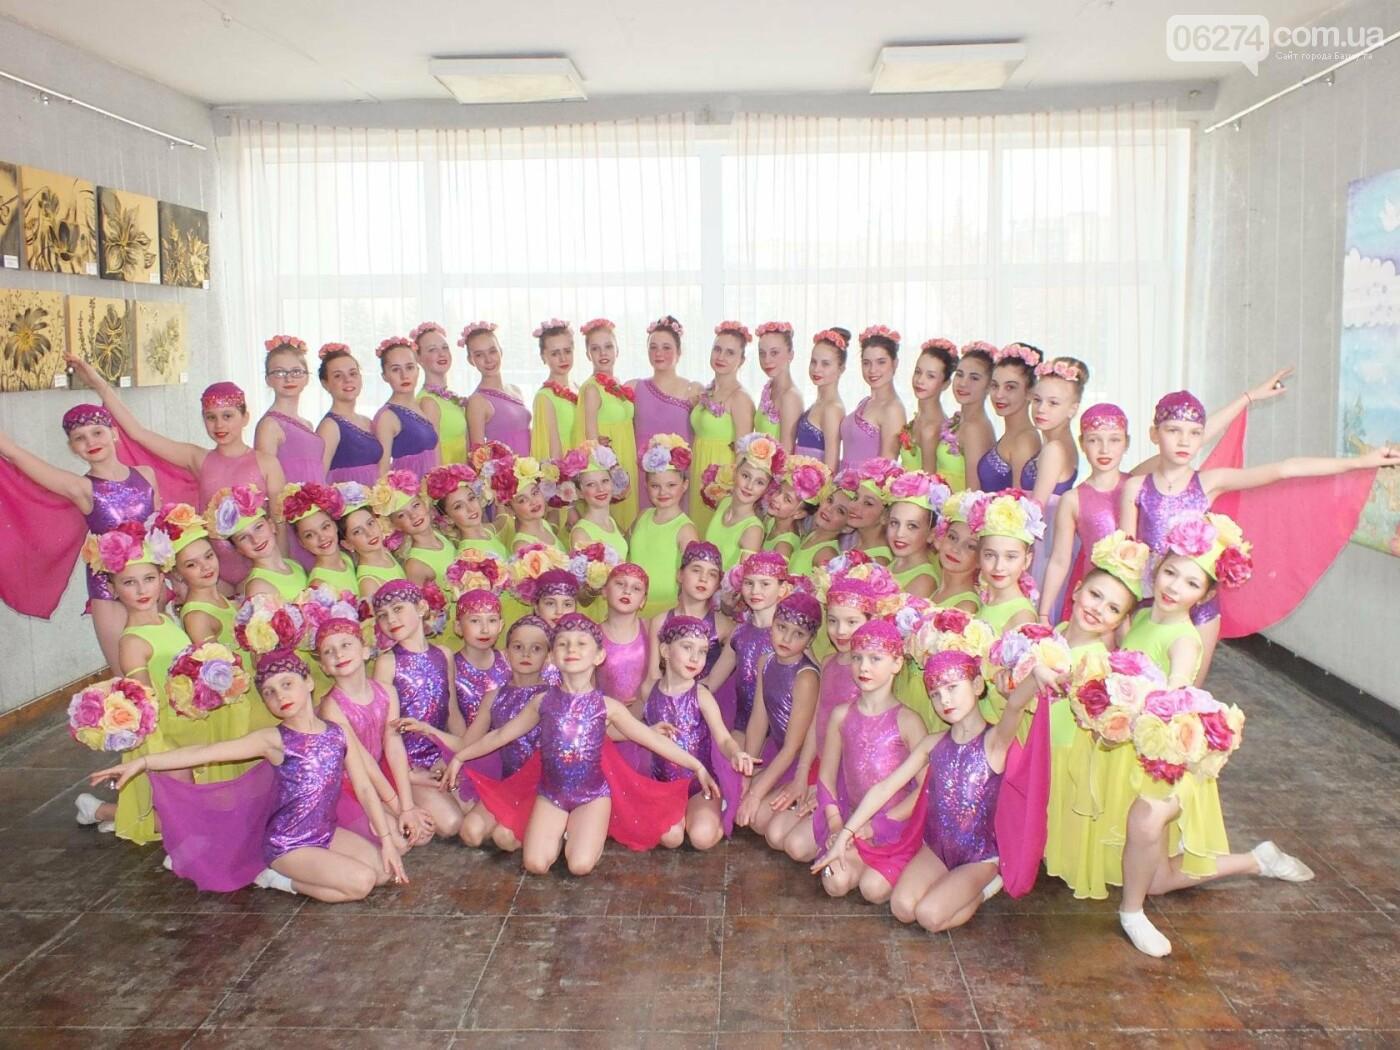 «Непоседы» из Бахмута стали лучшими на двух танцевальных конкурсах в Донецкой области, фото-2